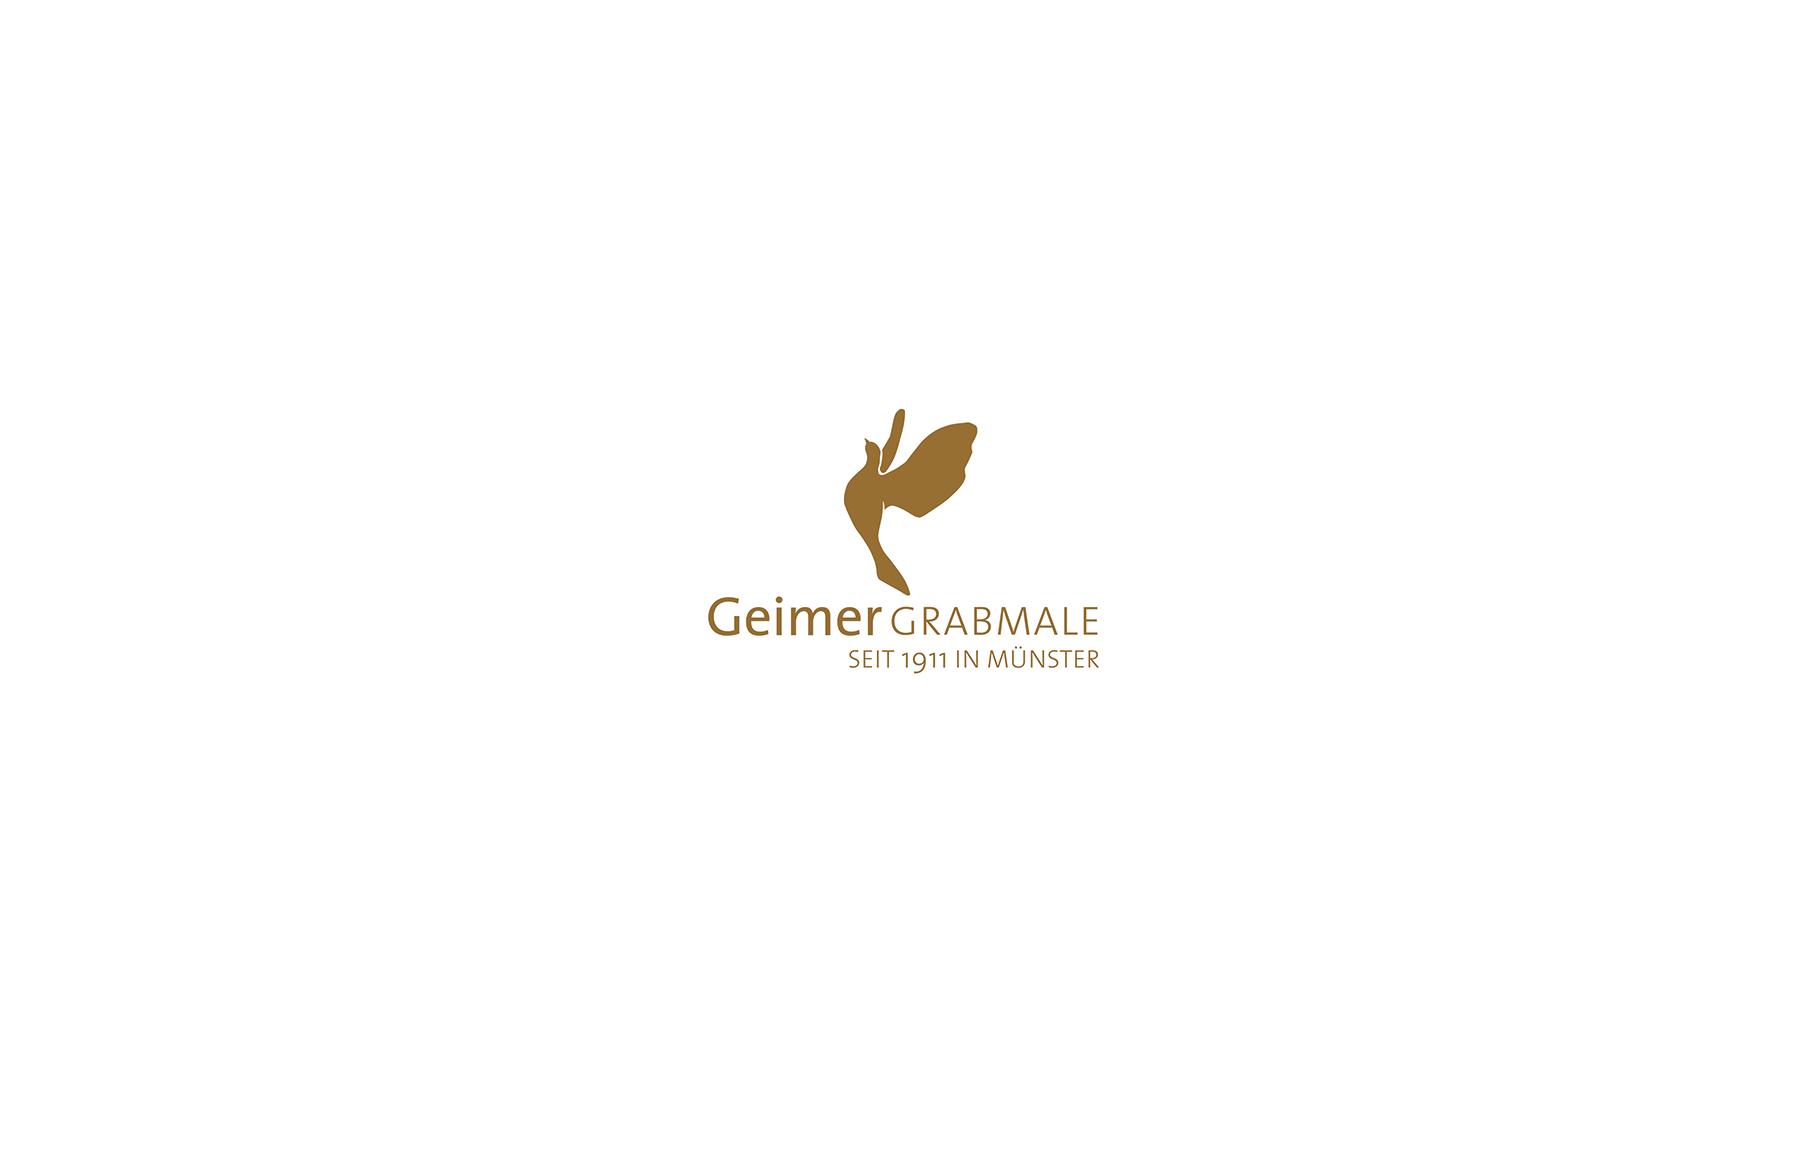 Geimer_Grabmale